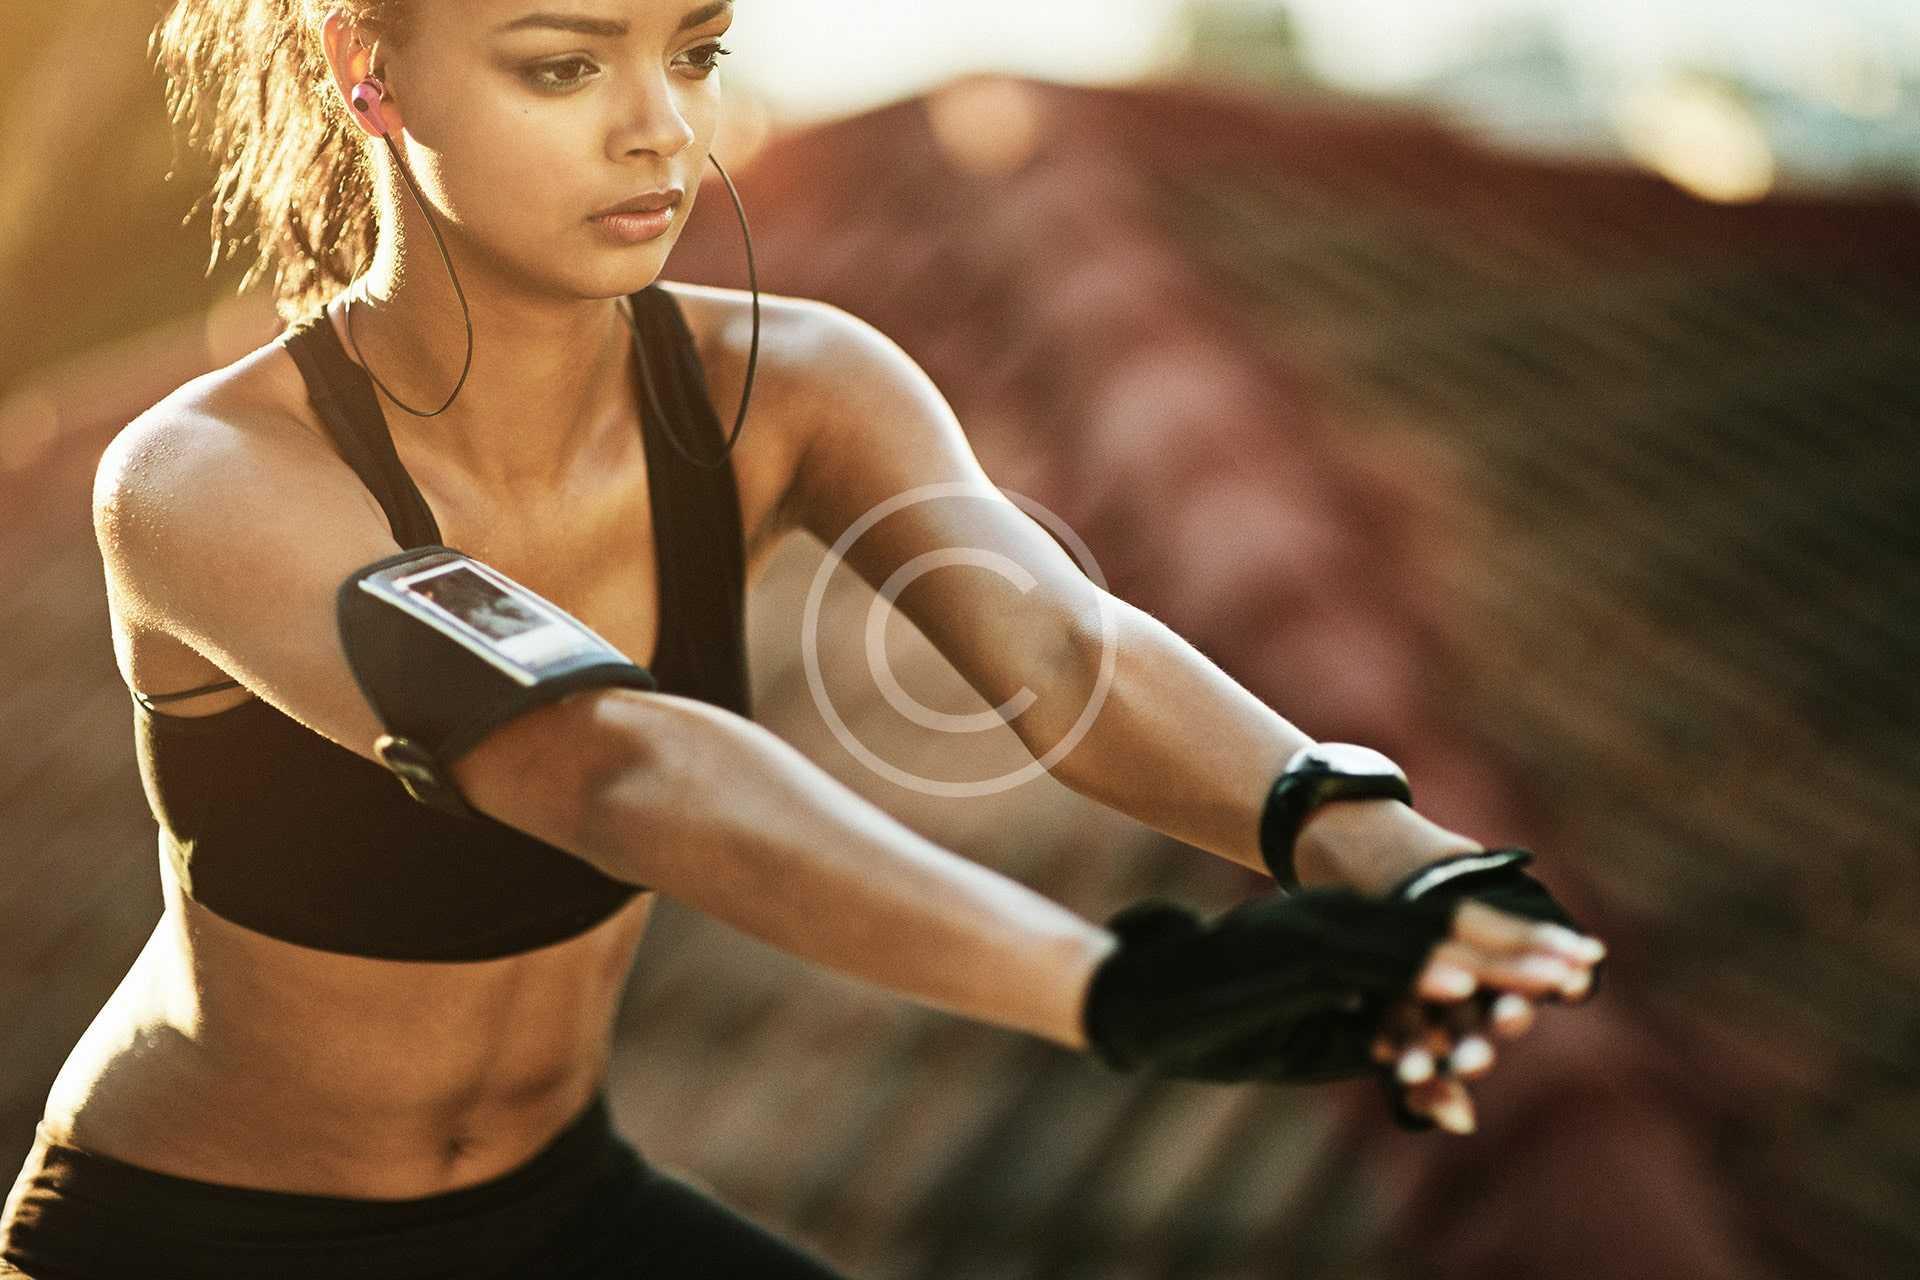 Beginner Fitness Guide